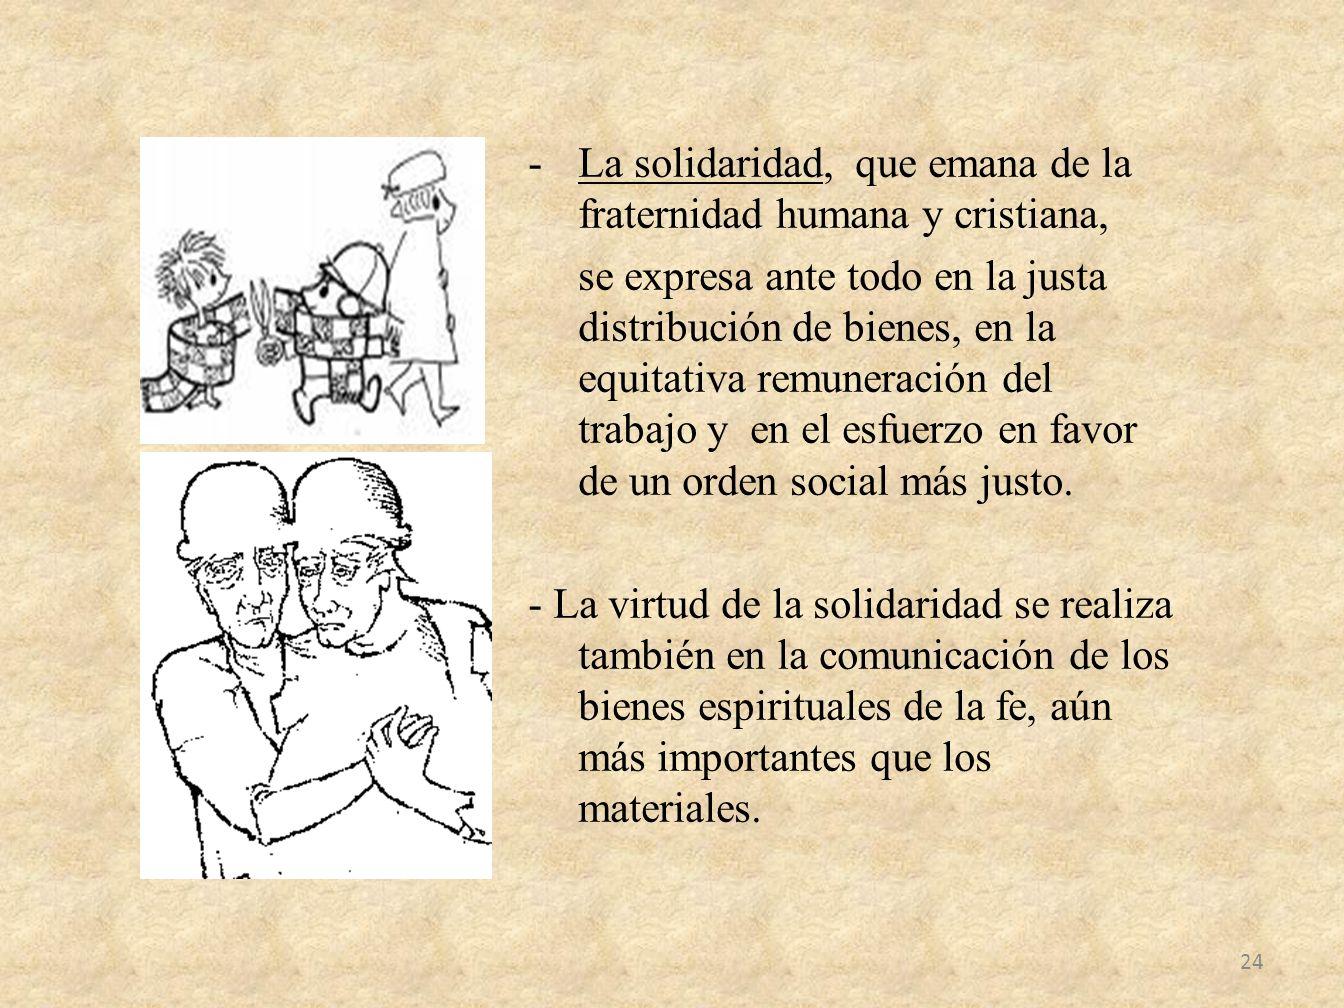 -La solidaridad, que emana de la fraternidad humana y cristiana, se expresa ante todo en la justa distribución de bienes, en la equitativa remuneració